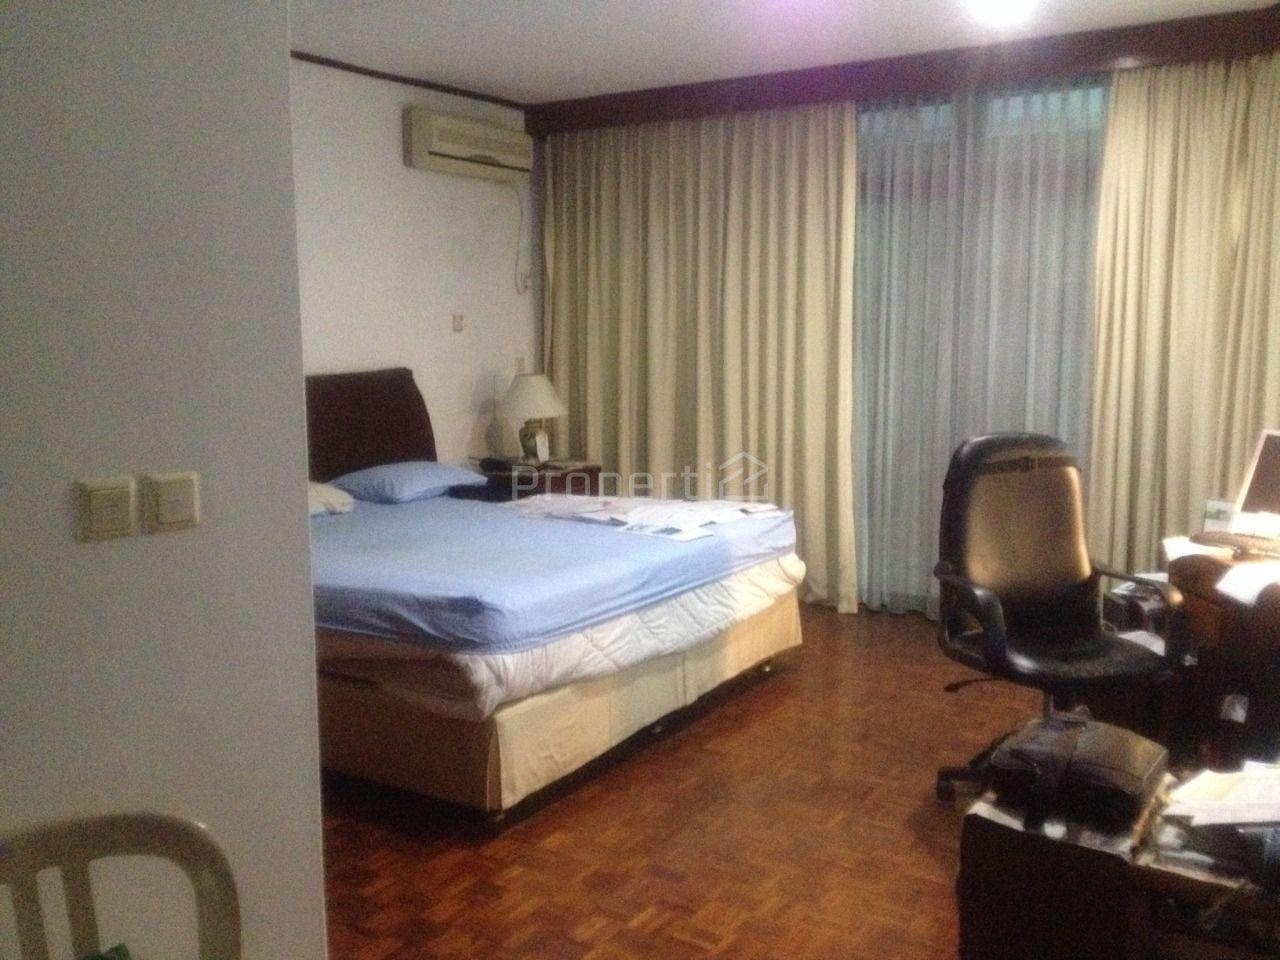 Rumah 2 Lantai dengan Kolam Renang di Pondok Indah, Kebayoran Lama